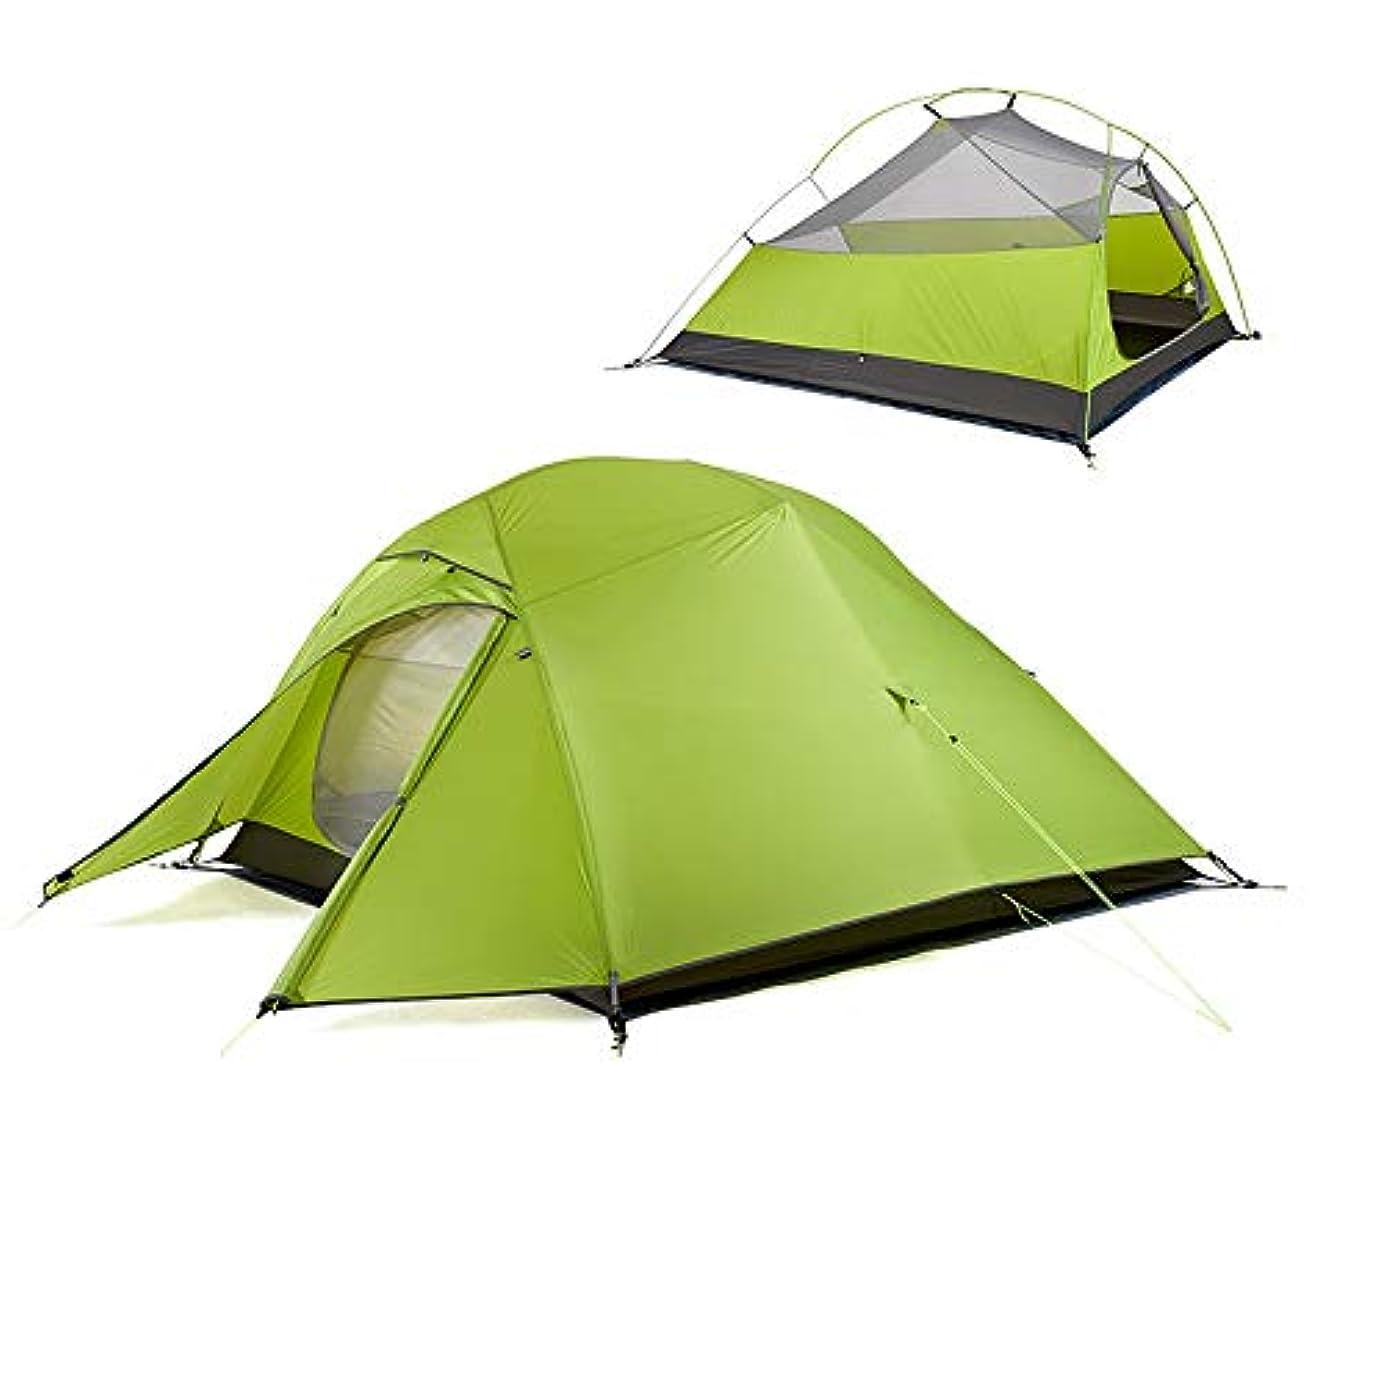 真実排泄物モトリー二人ツーリングテント二層構造高通気性簡単セットアップテントキャンプテント用 (Color : 緑, Size : One Size)